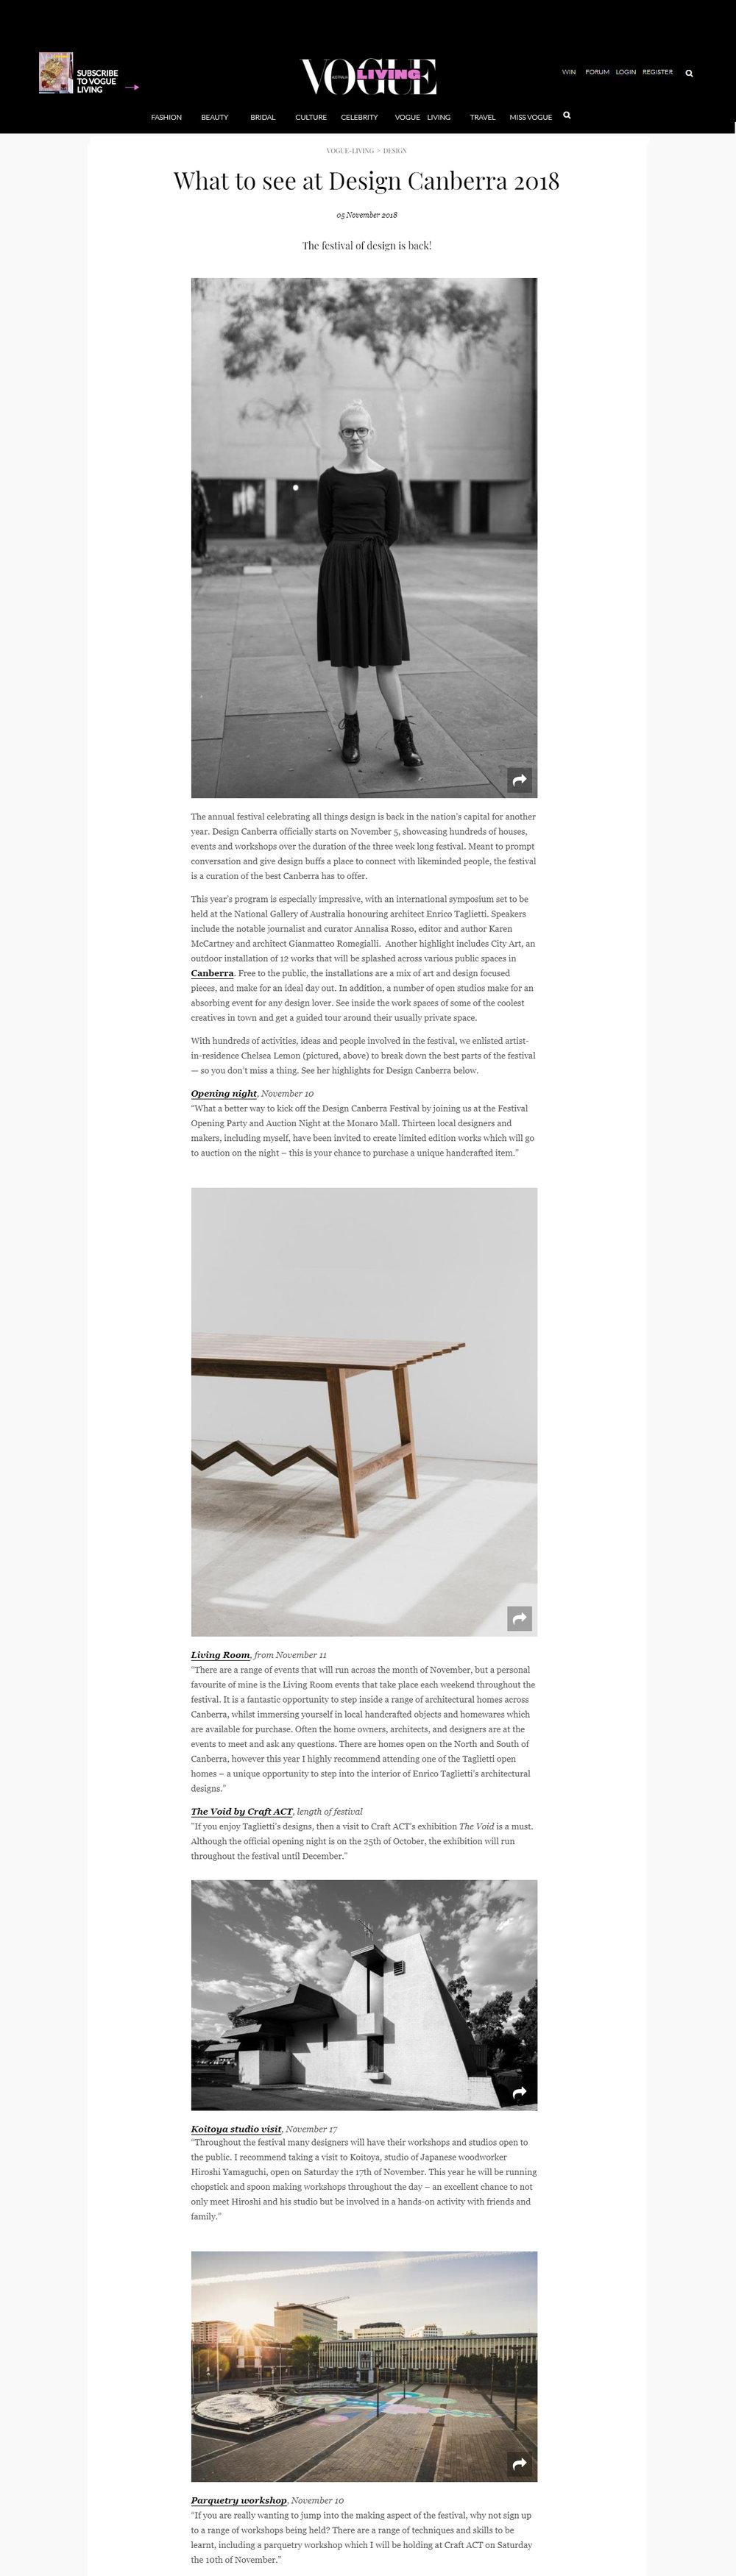 Vogue Chelsea Lemon Canberra Furniture Design